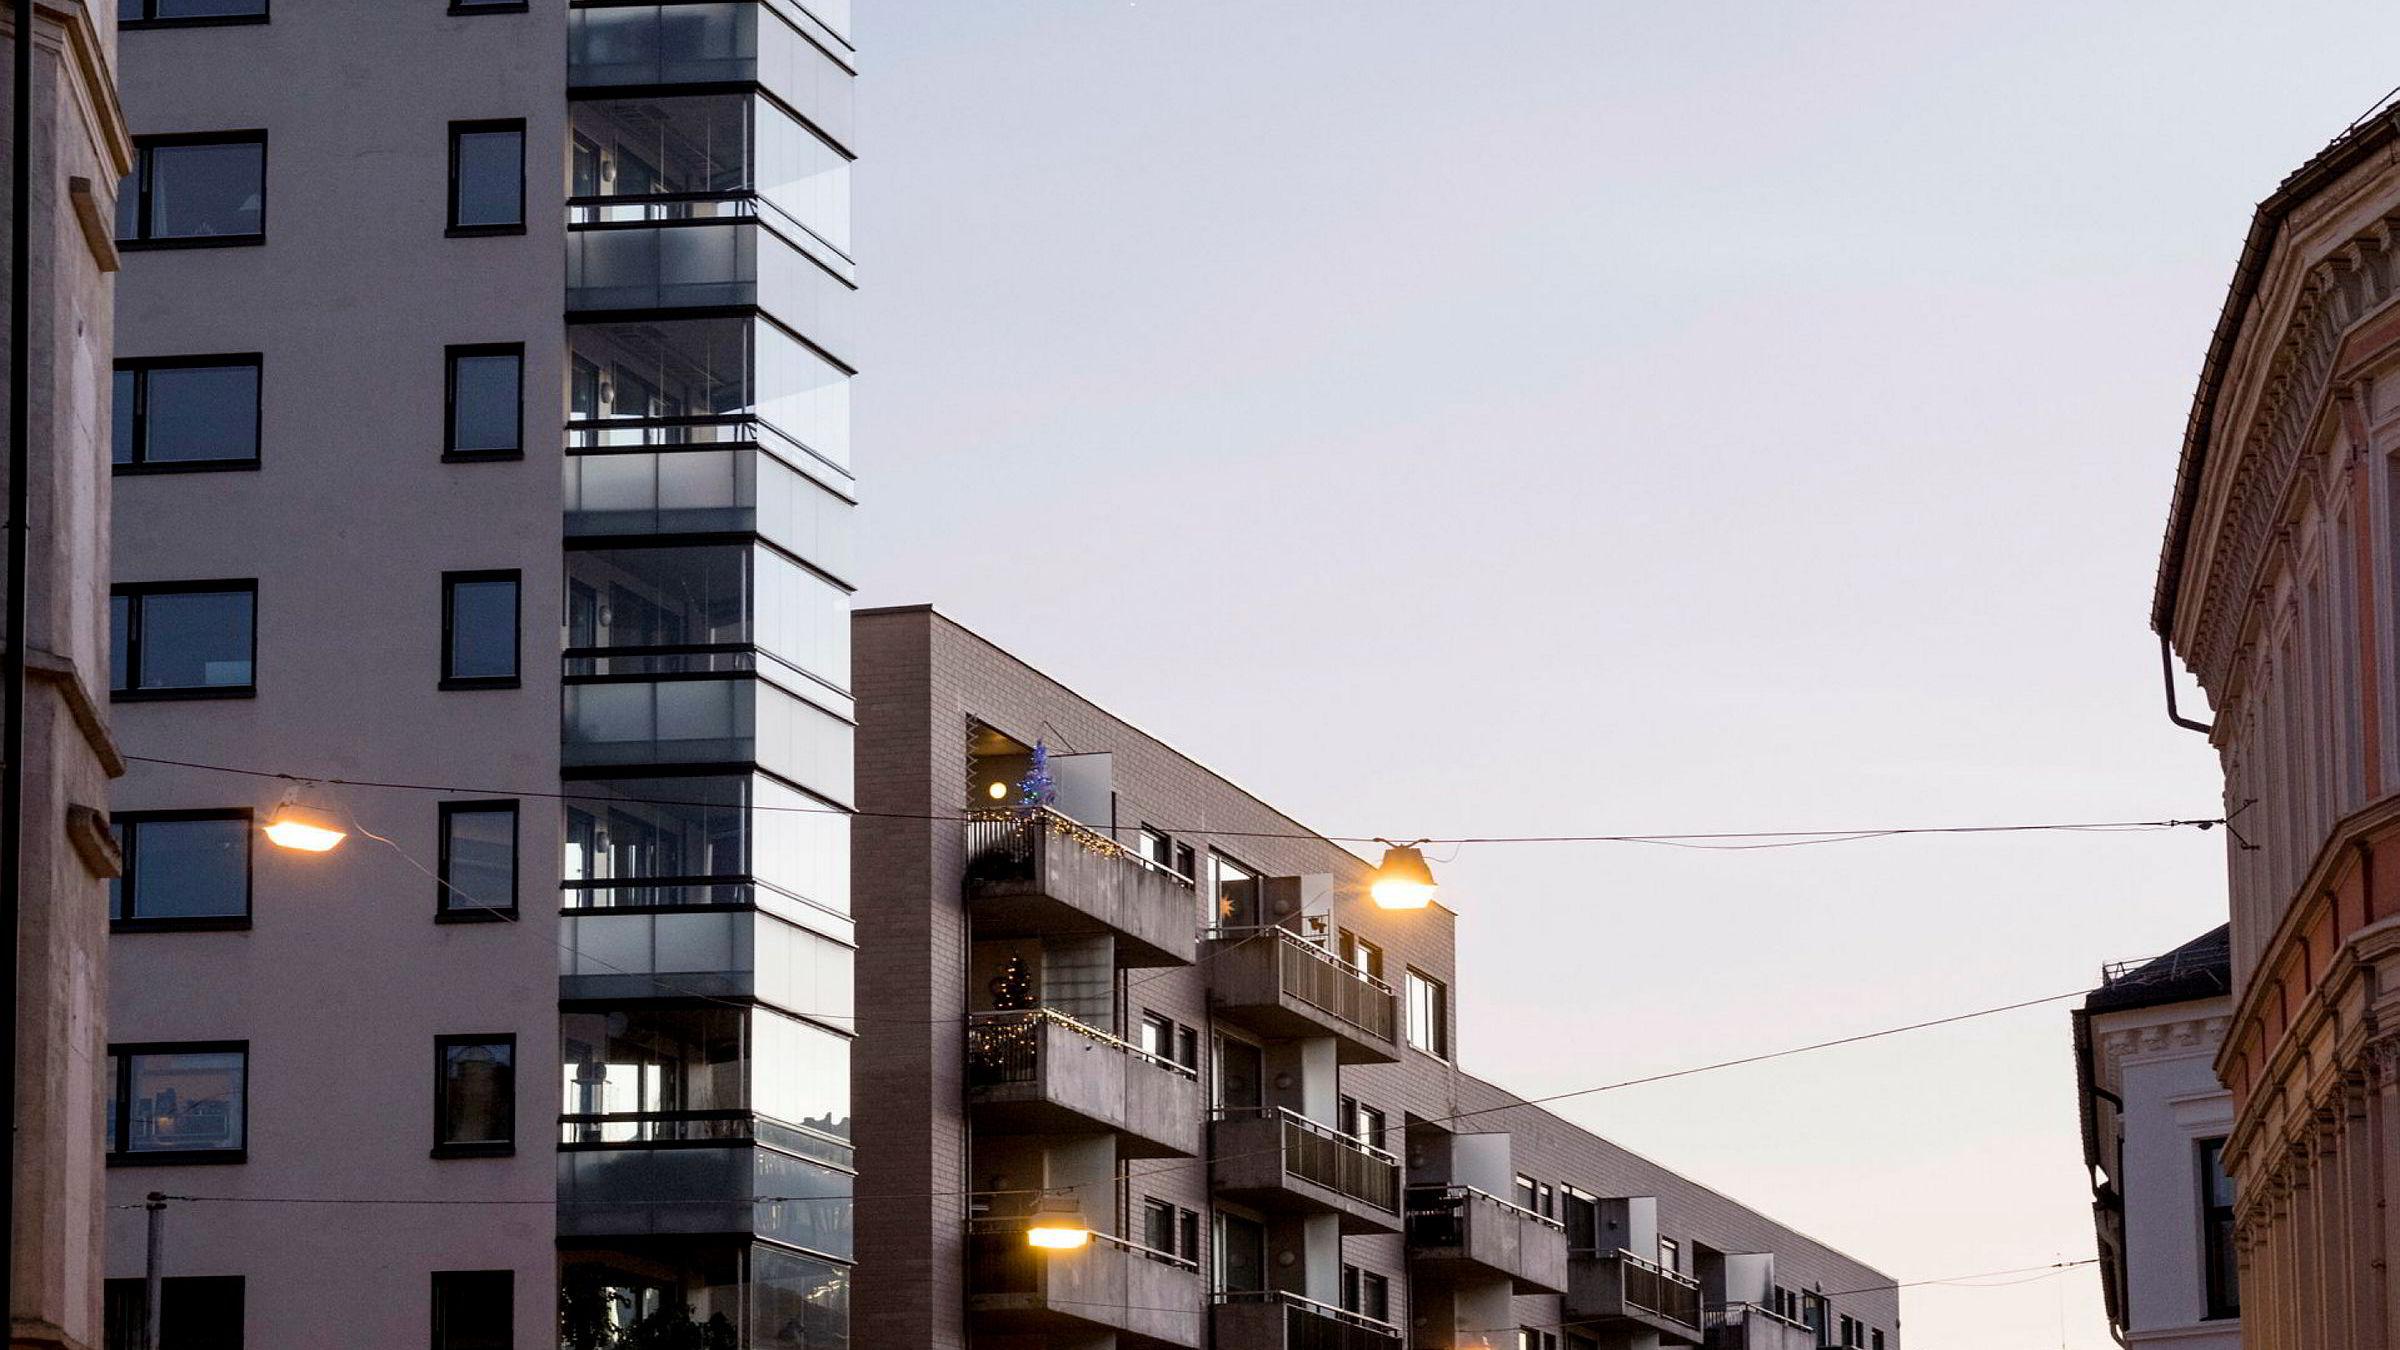 Det eneste som i dag er fordelaktig, er å kjøpe egen bolig og bo der selv, skriver artikkelforfatteren. Her boliger i Oslo.